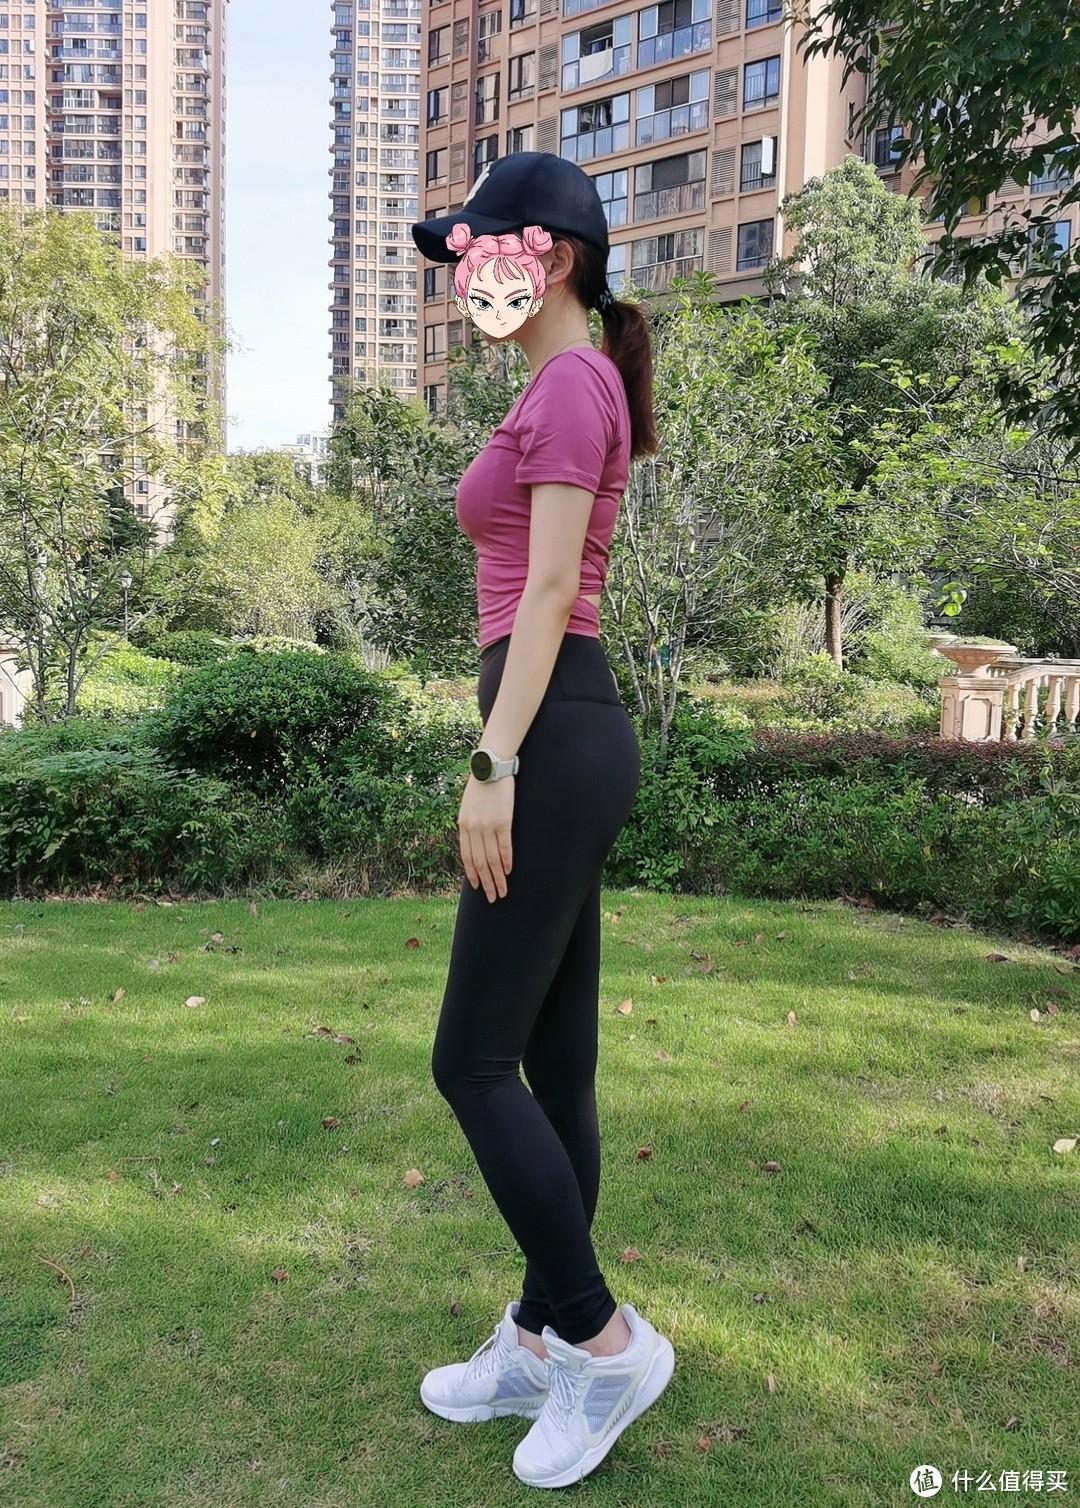 5款秋季健身瑜伽服真人晒单,多图预警!跟着小姐姐换新衣啦~